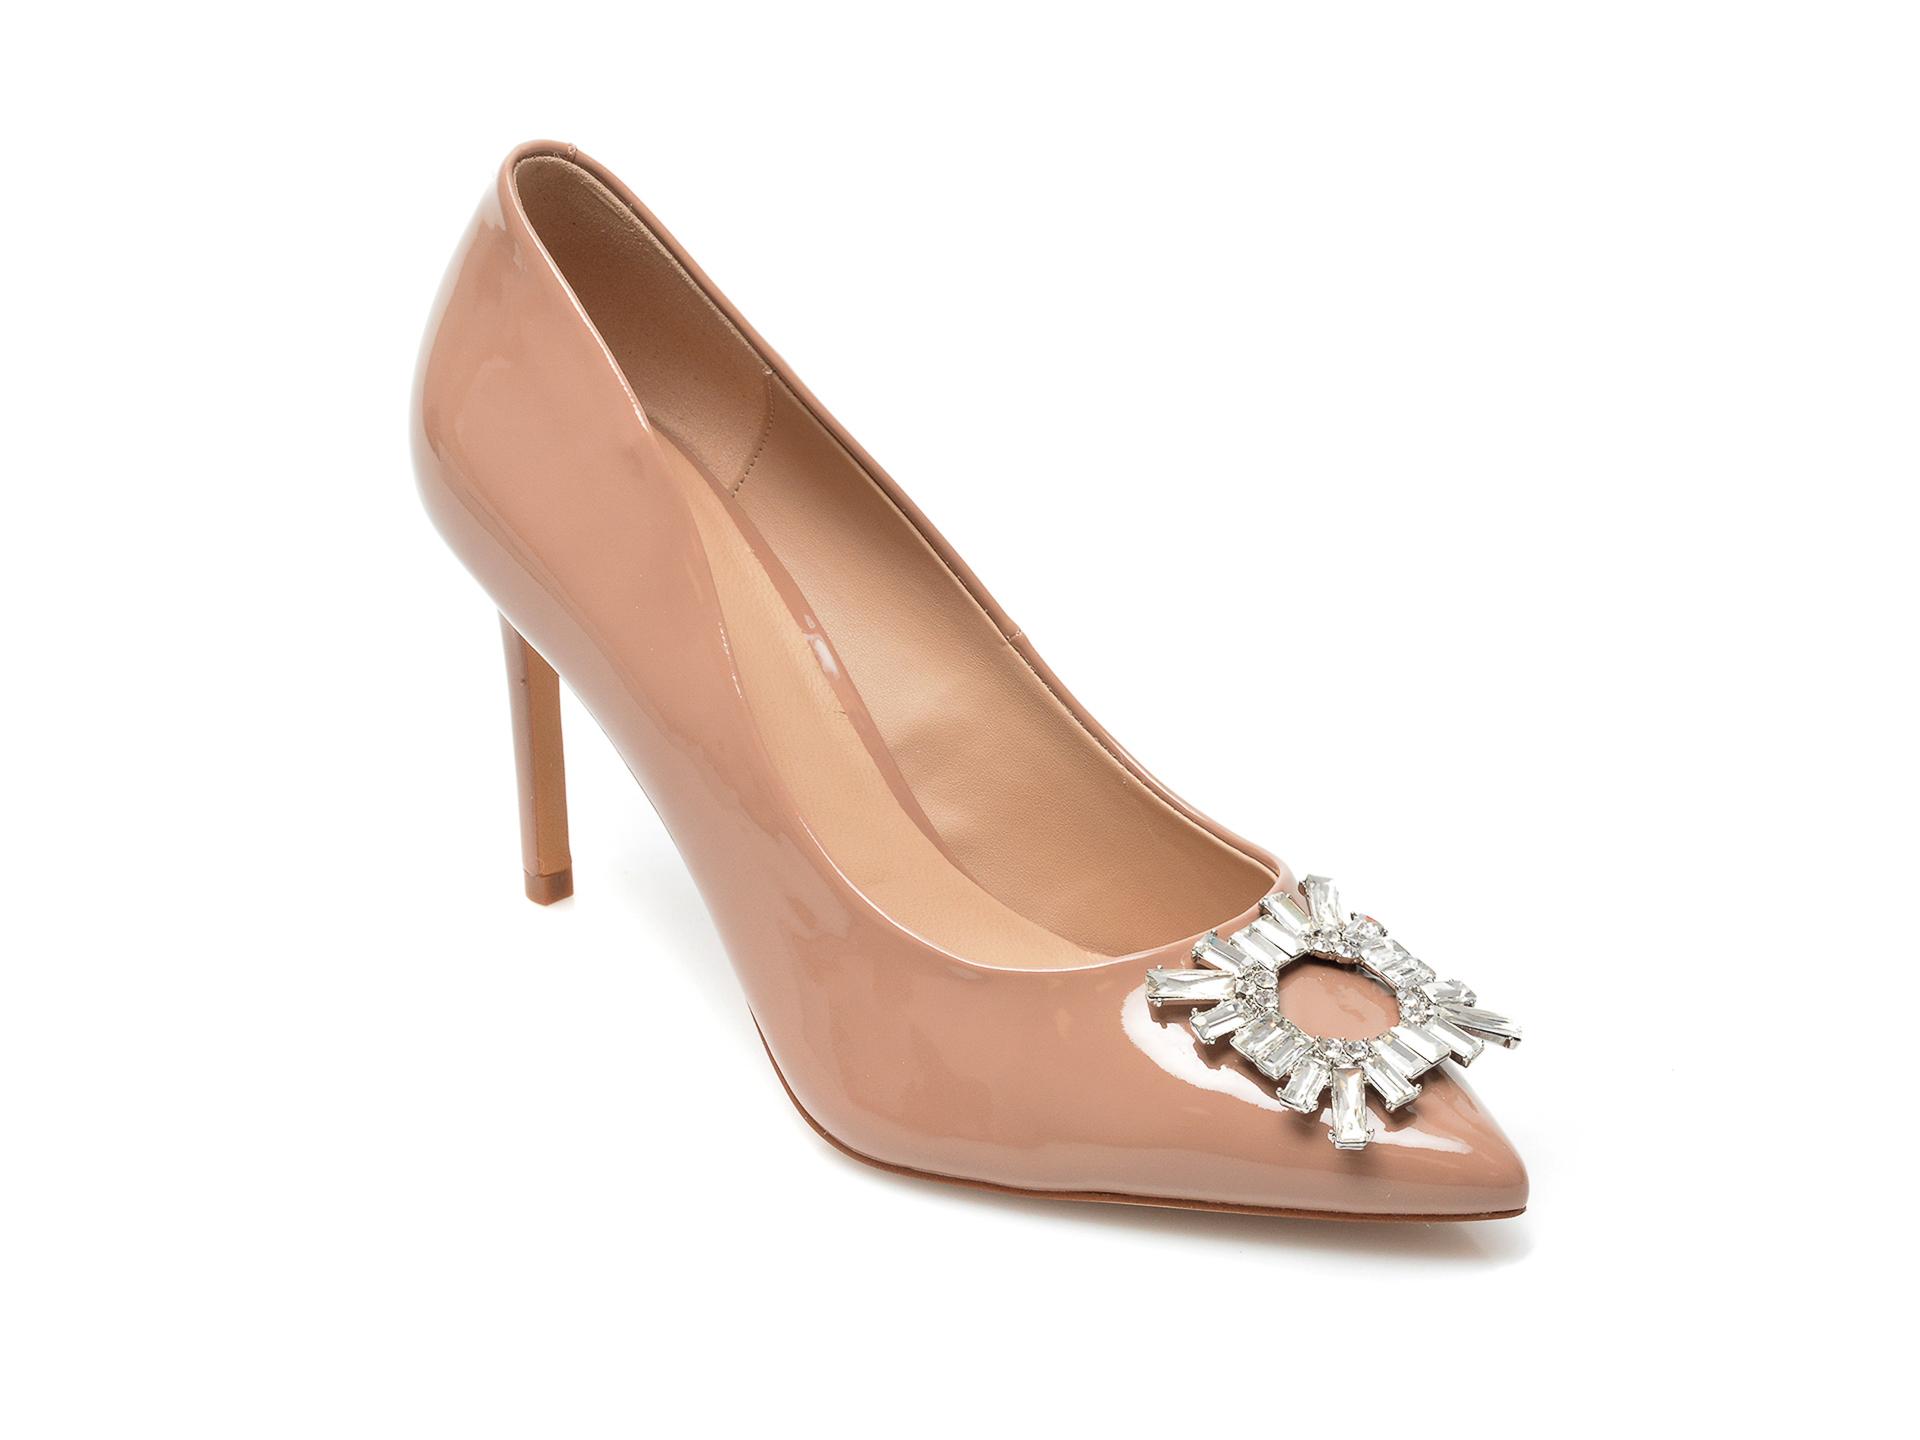 Pantofi ALDO nude, Mahara270, din piele ecologica imagine otter.ro 2021